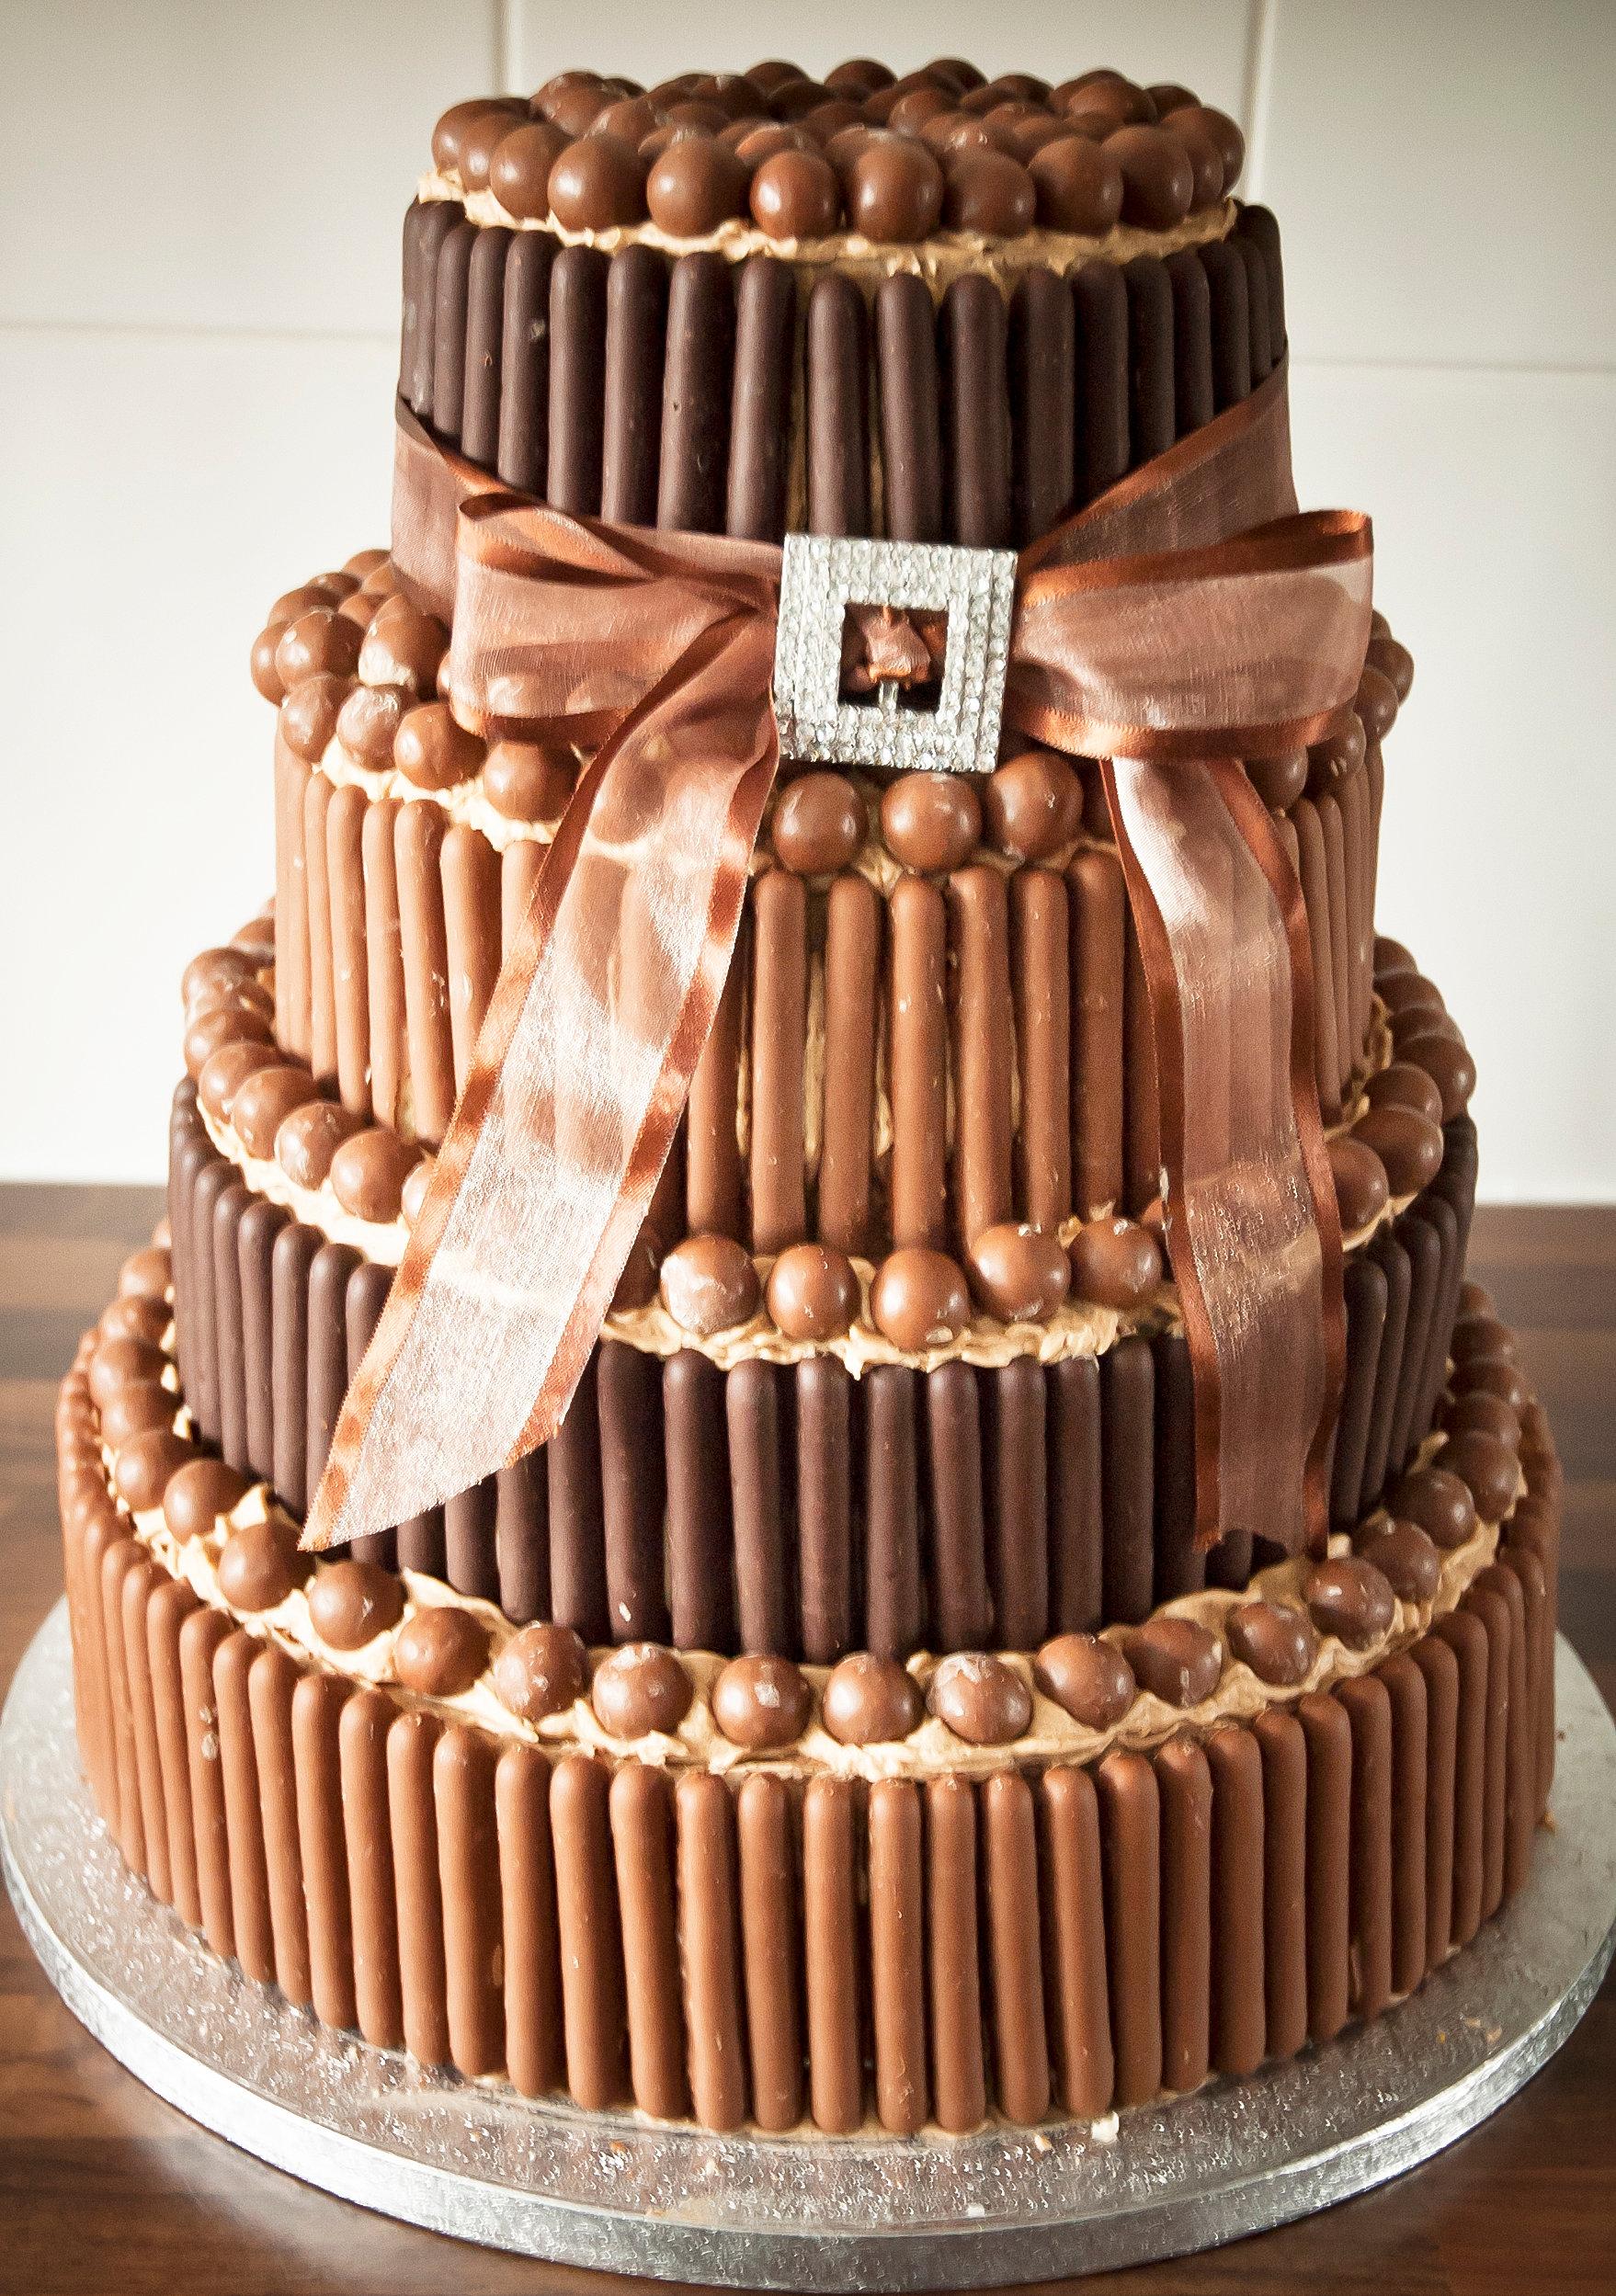 Cake Decoration With White Chocolate : Wedding cakes, Cake decorating courses, Sunderland Durham North East Chocolate Finger Cake